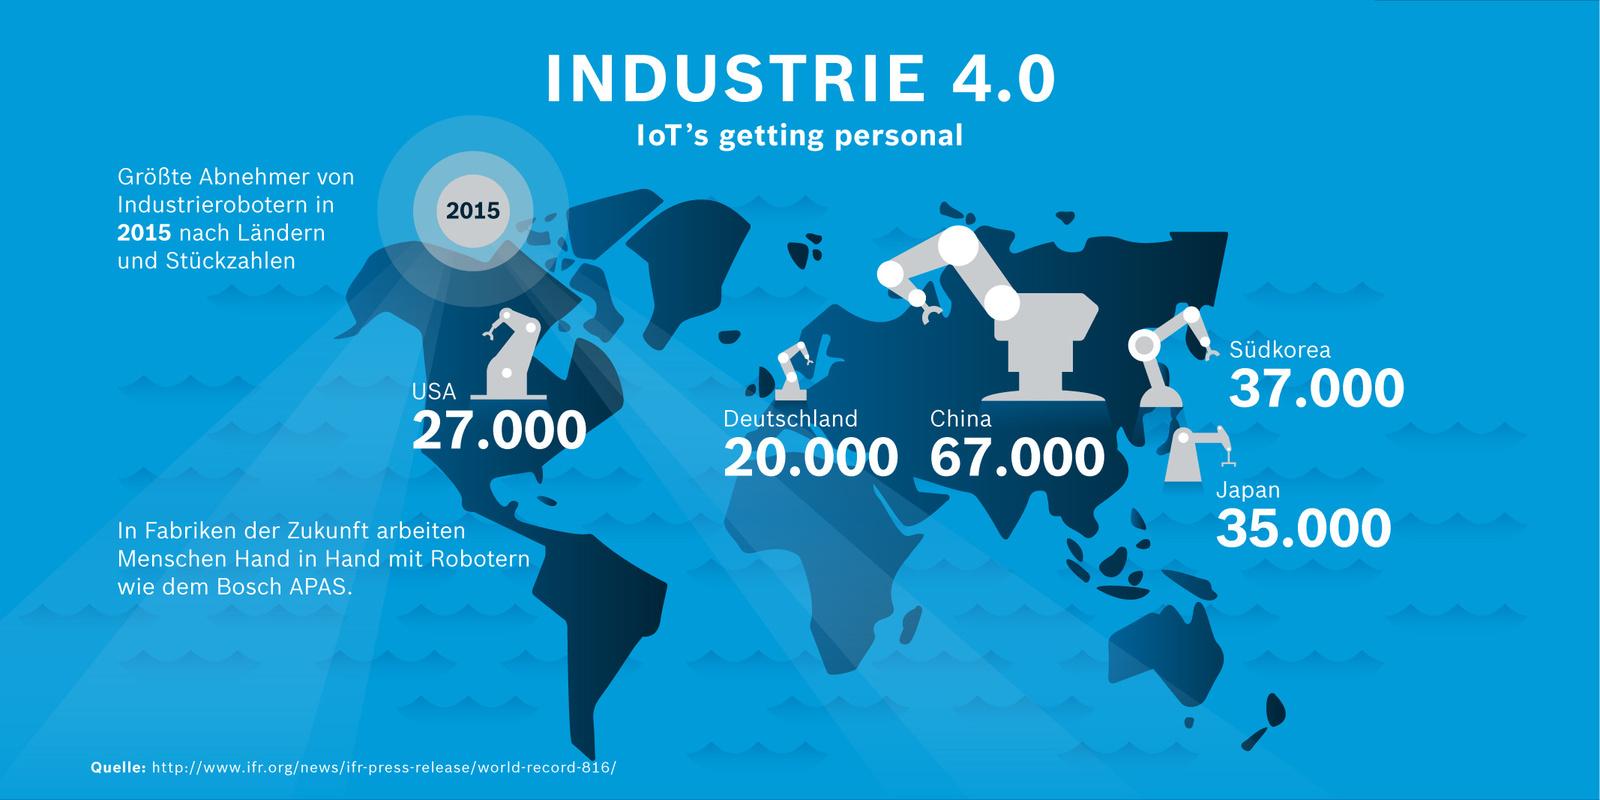 Die größten Abnehmer von Industrierobotern in 2015